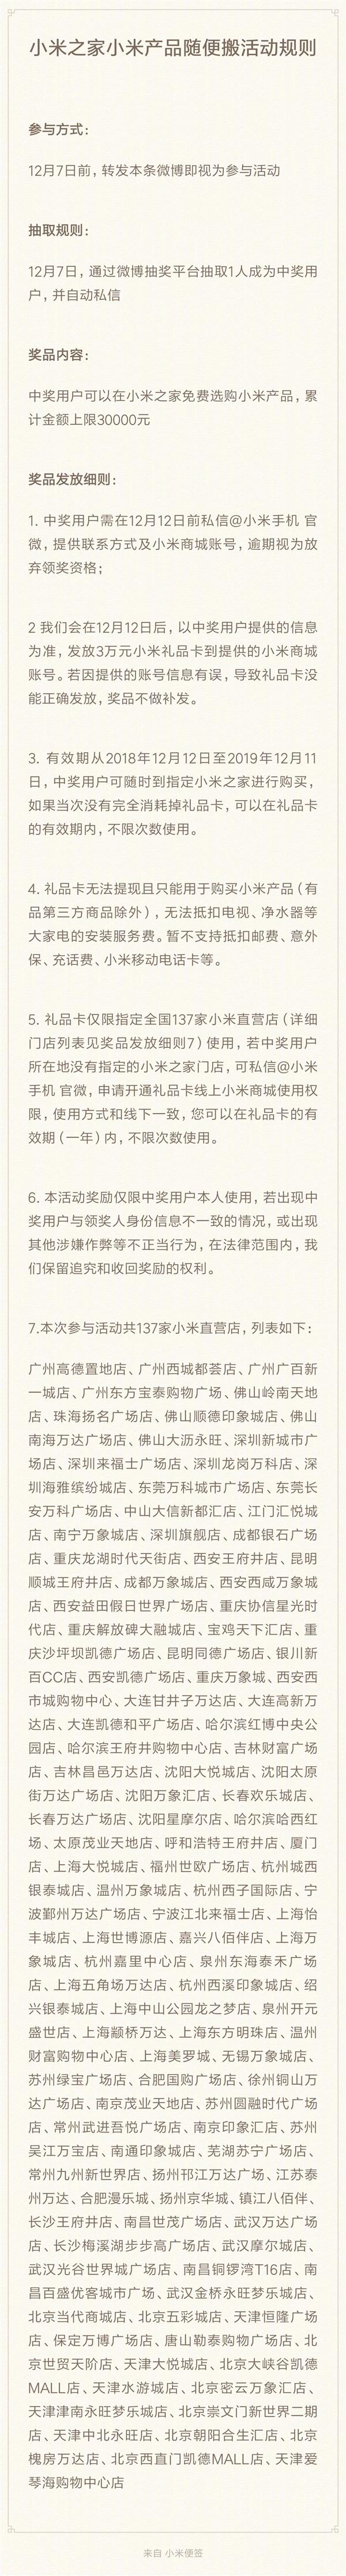 小米公布感恩节惊喜:小米之家小米产品随便搬 不花钱的照片 - 4